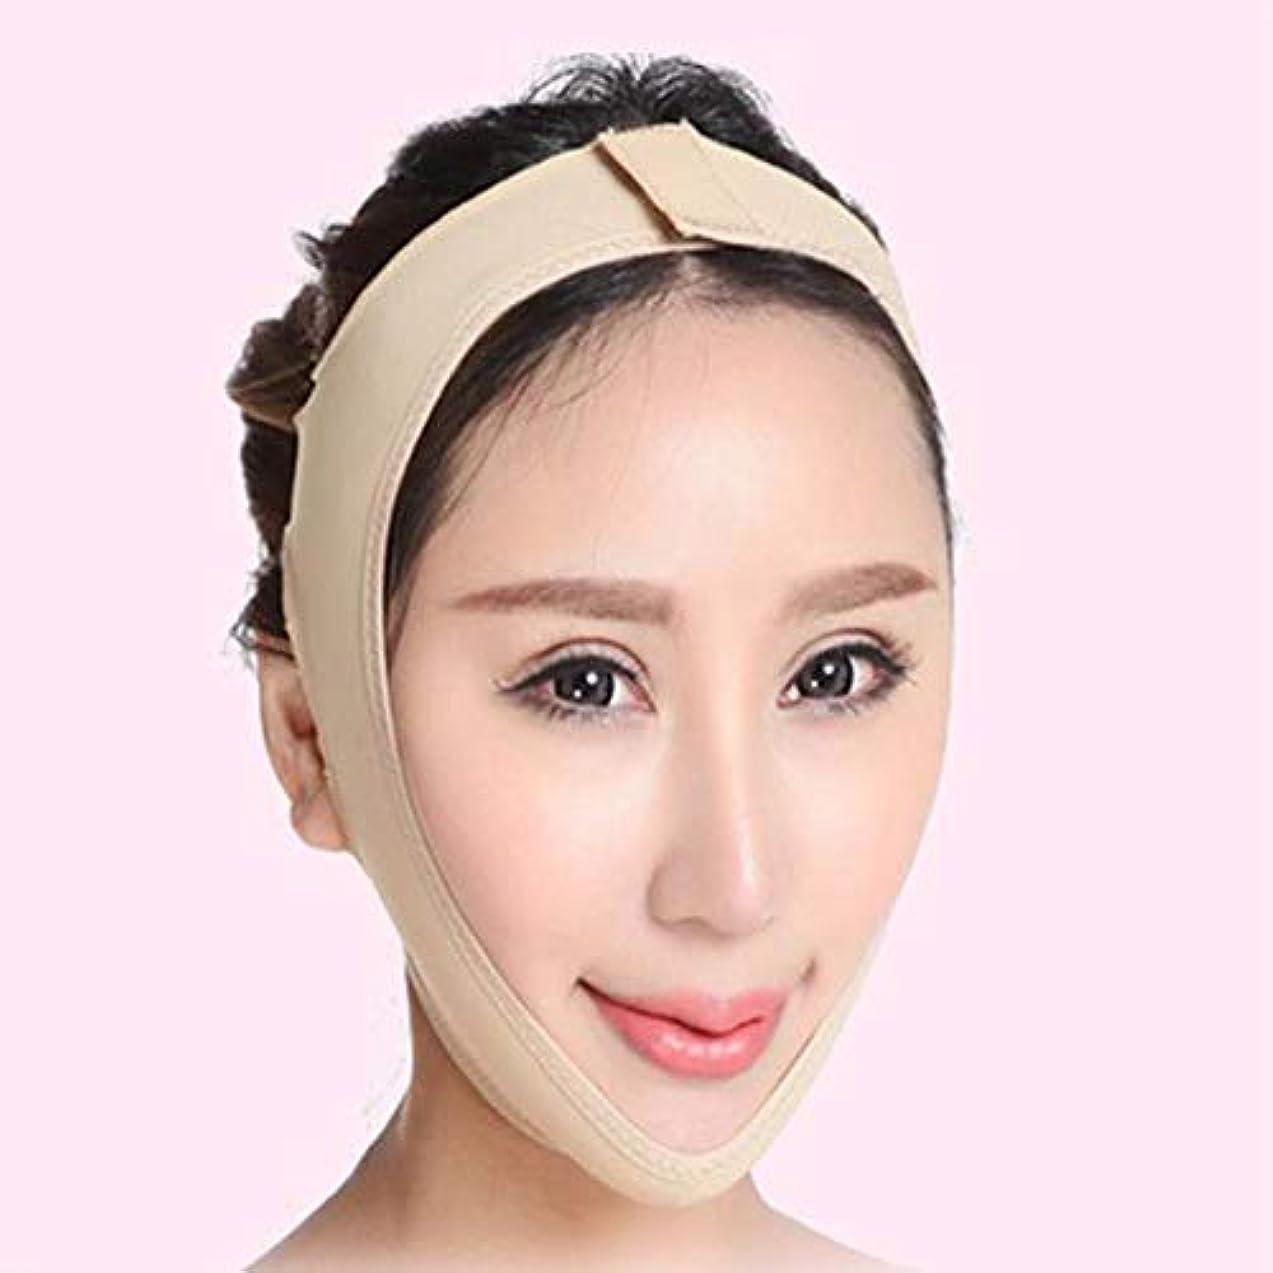 楕円形欠席ミキサーMR 小顔マスク リフトアップ マスク フェイスラインシャープ メンズ レディース Sサイズ MR-AZD15003-S